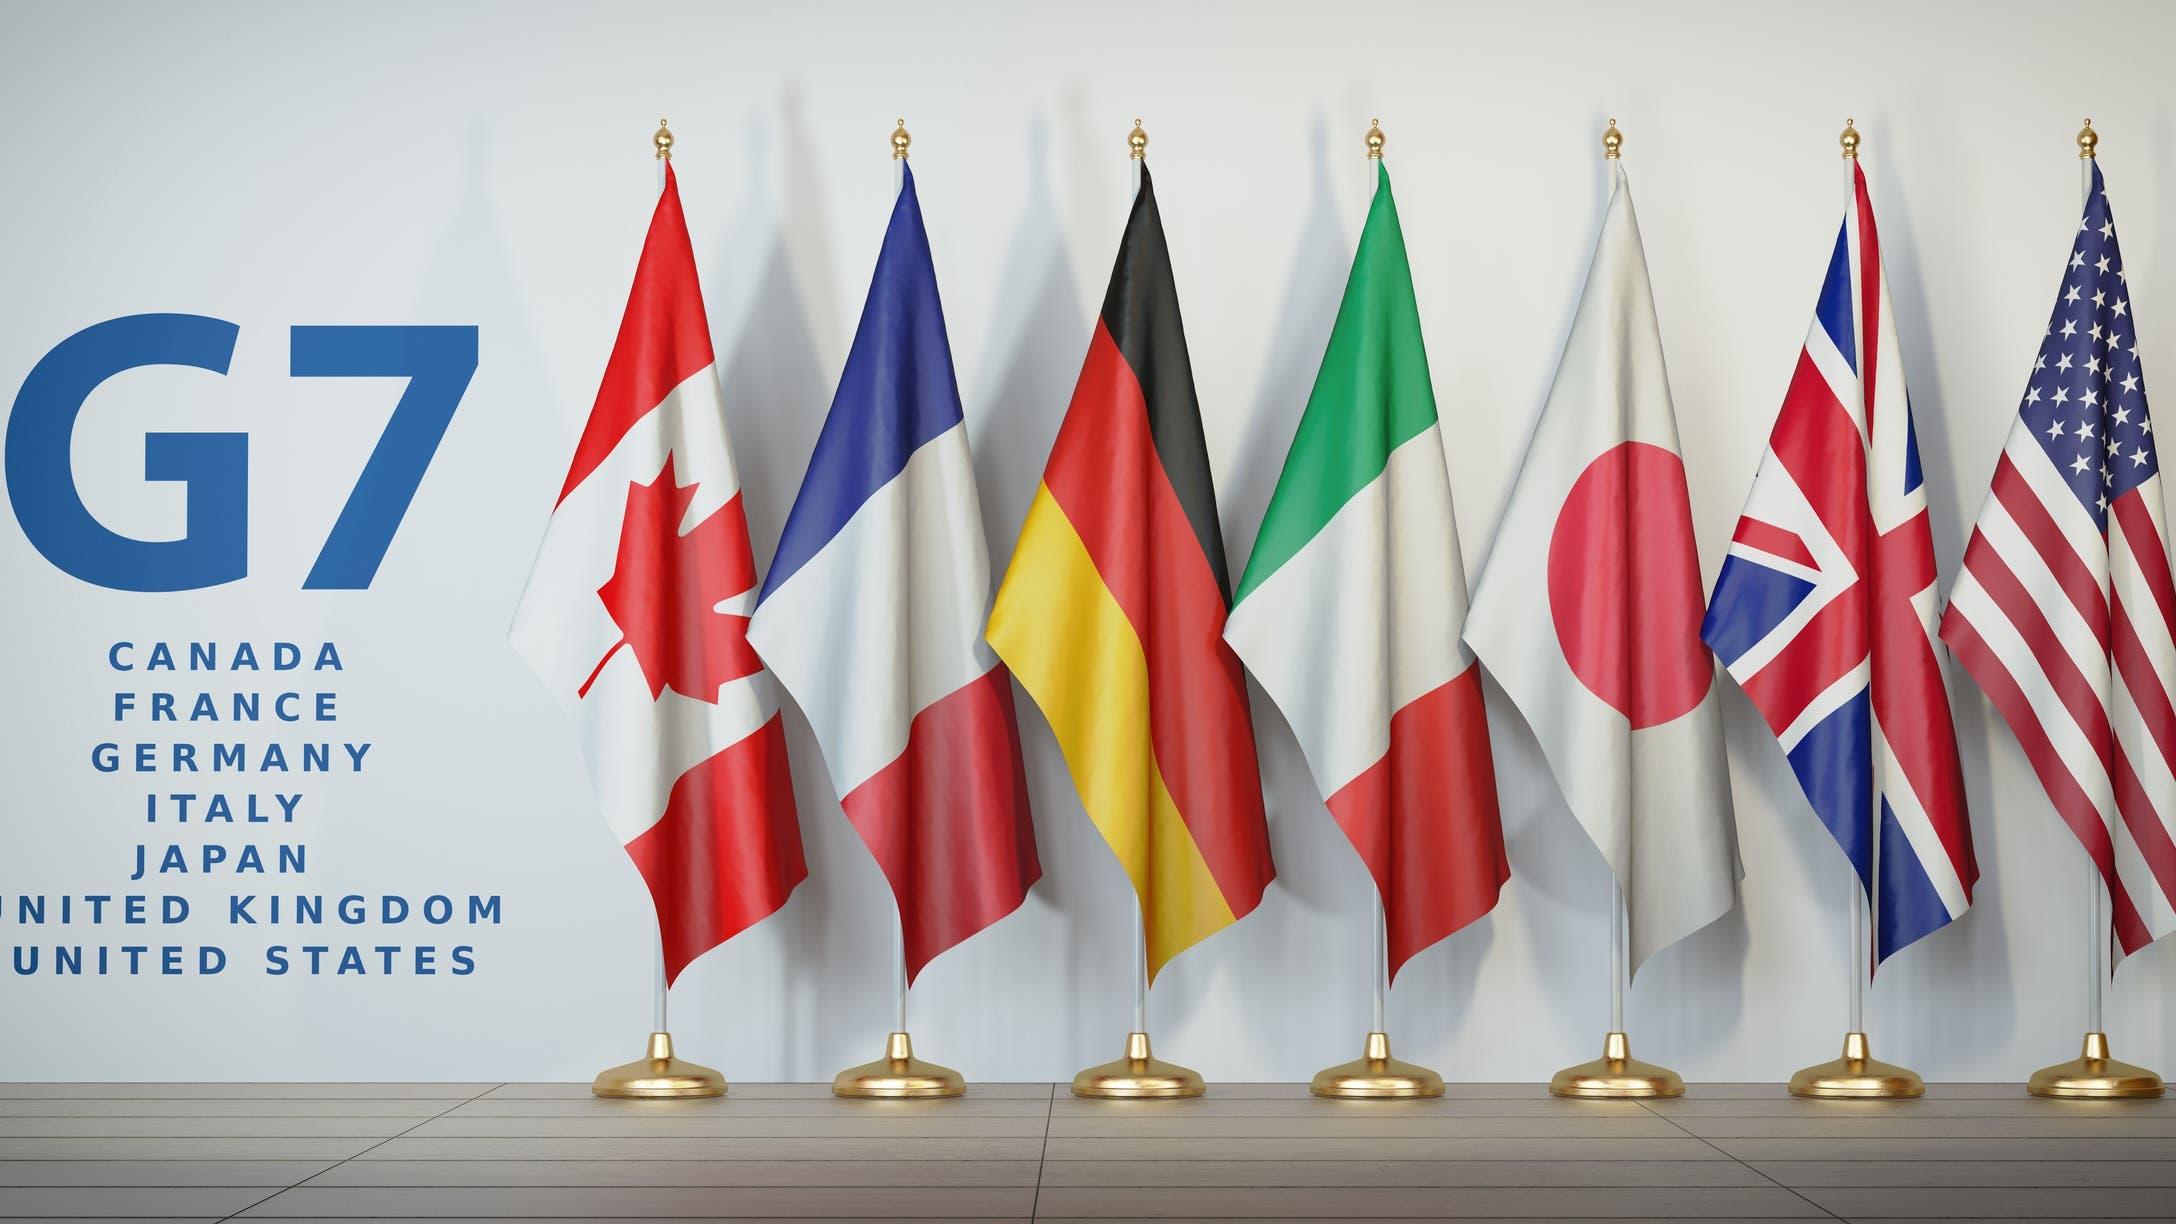 Dalalka G7 oo hanjabaaddii ugu cusleyd kasoo saaray is-mari waaga Soomaaliya